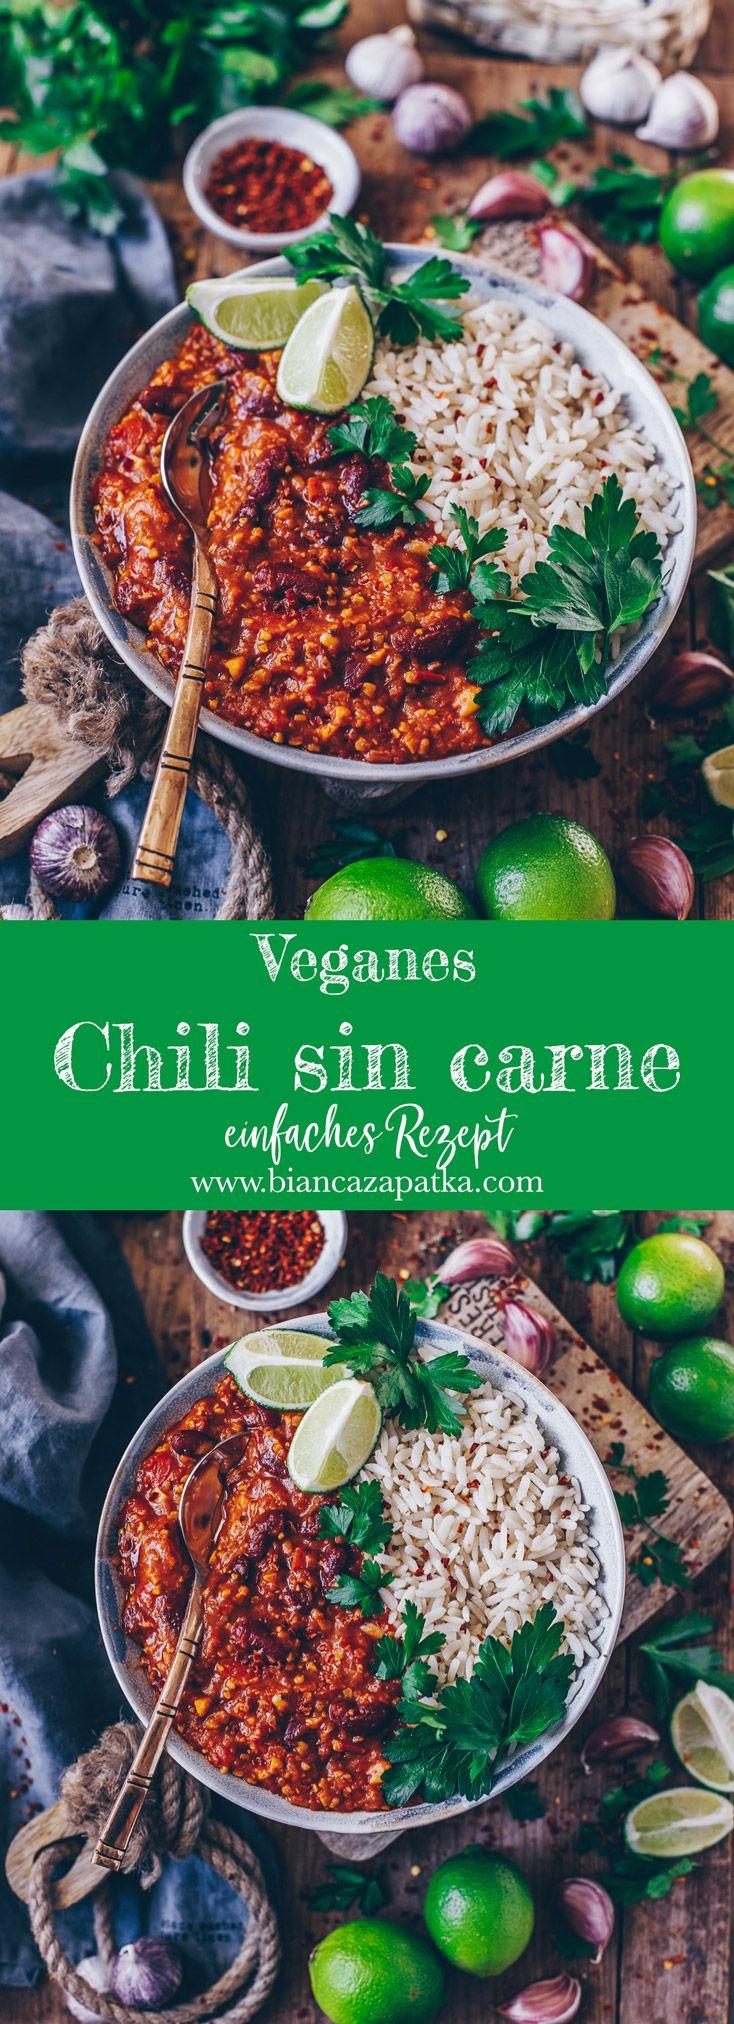 Chili sin carne mit Reis (vegan #gezondeten